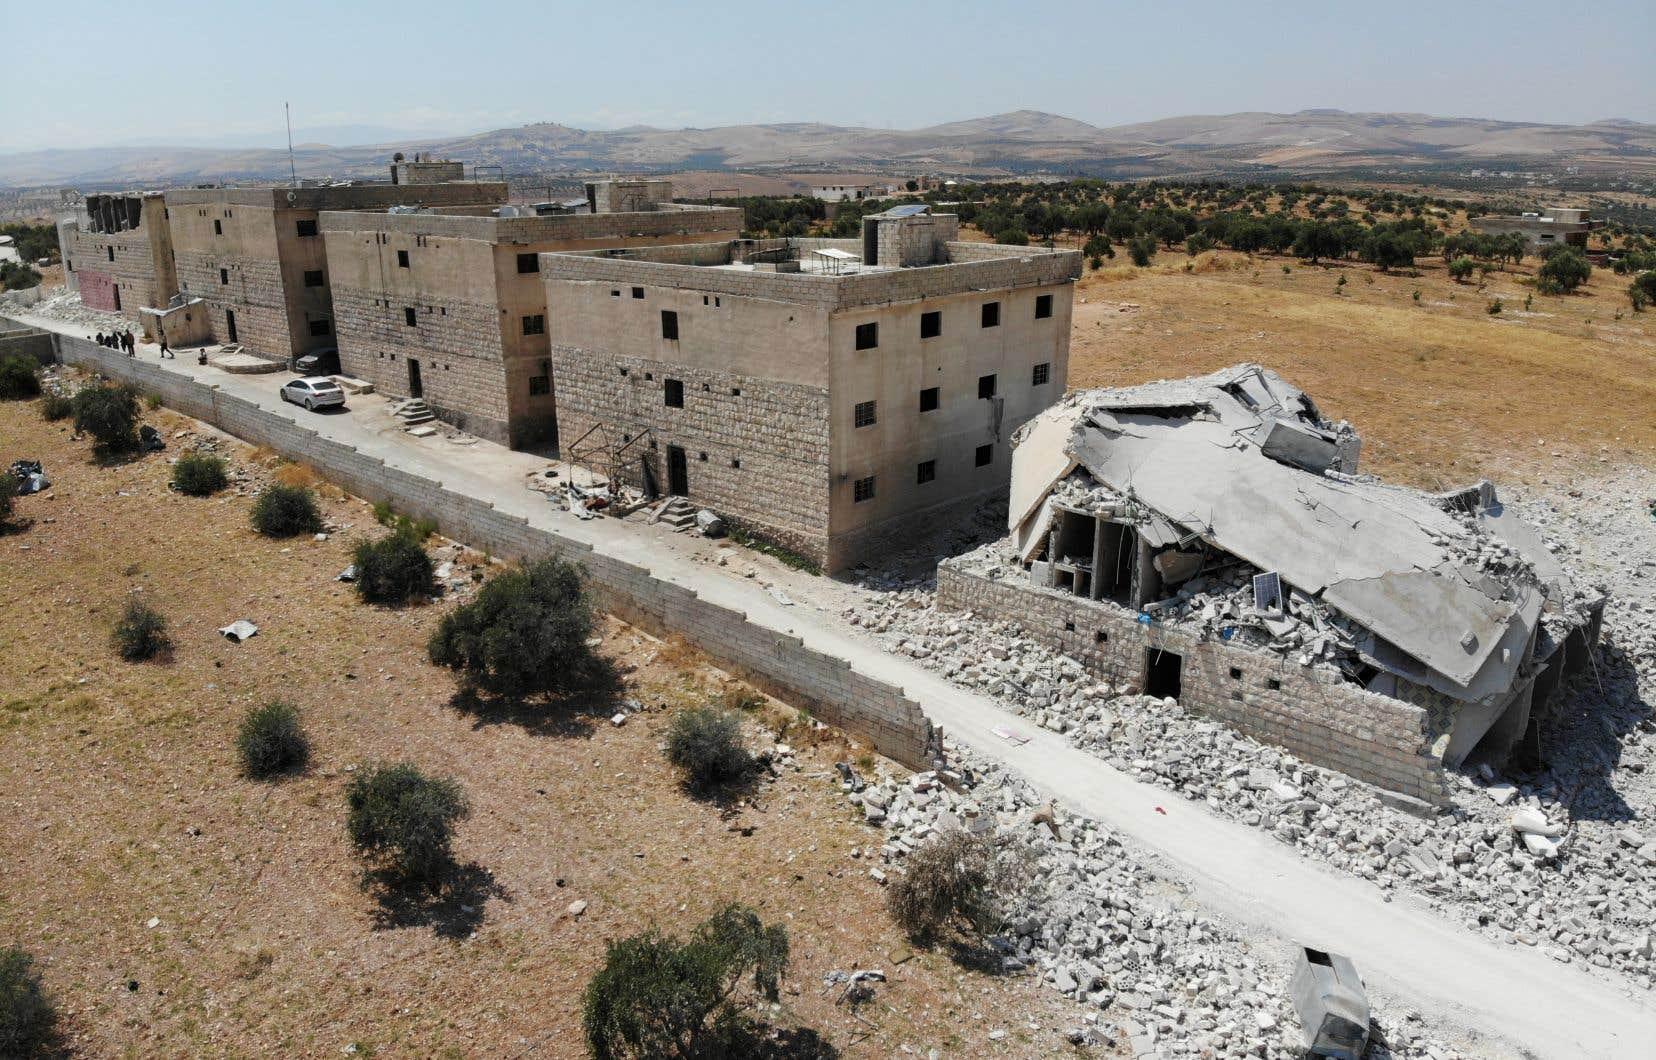 Cette vue aérienne, prise le 5 août dernier, montre des bâtiments endommagés et détruits dans la ville de Maaret Hurmah, dans la campagne du sud de la province d'Idleb, au nord-ouest de la Syrie.